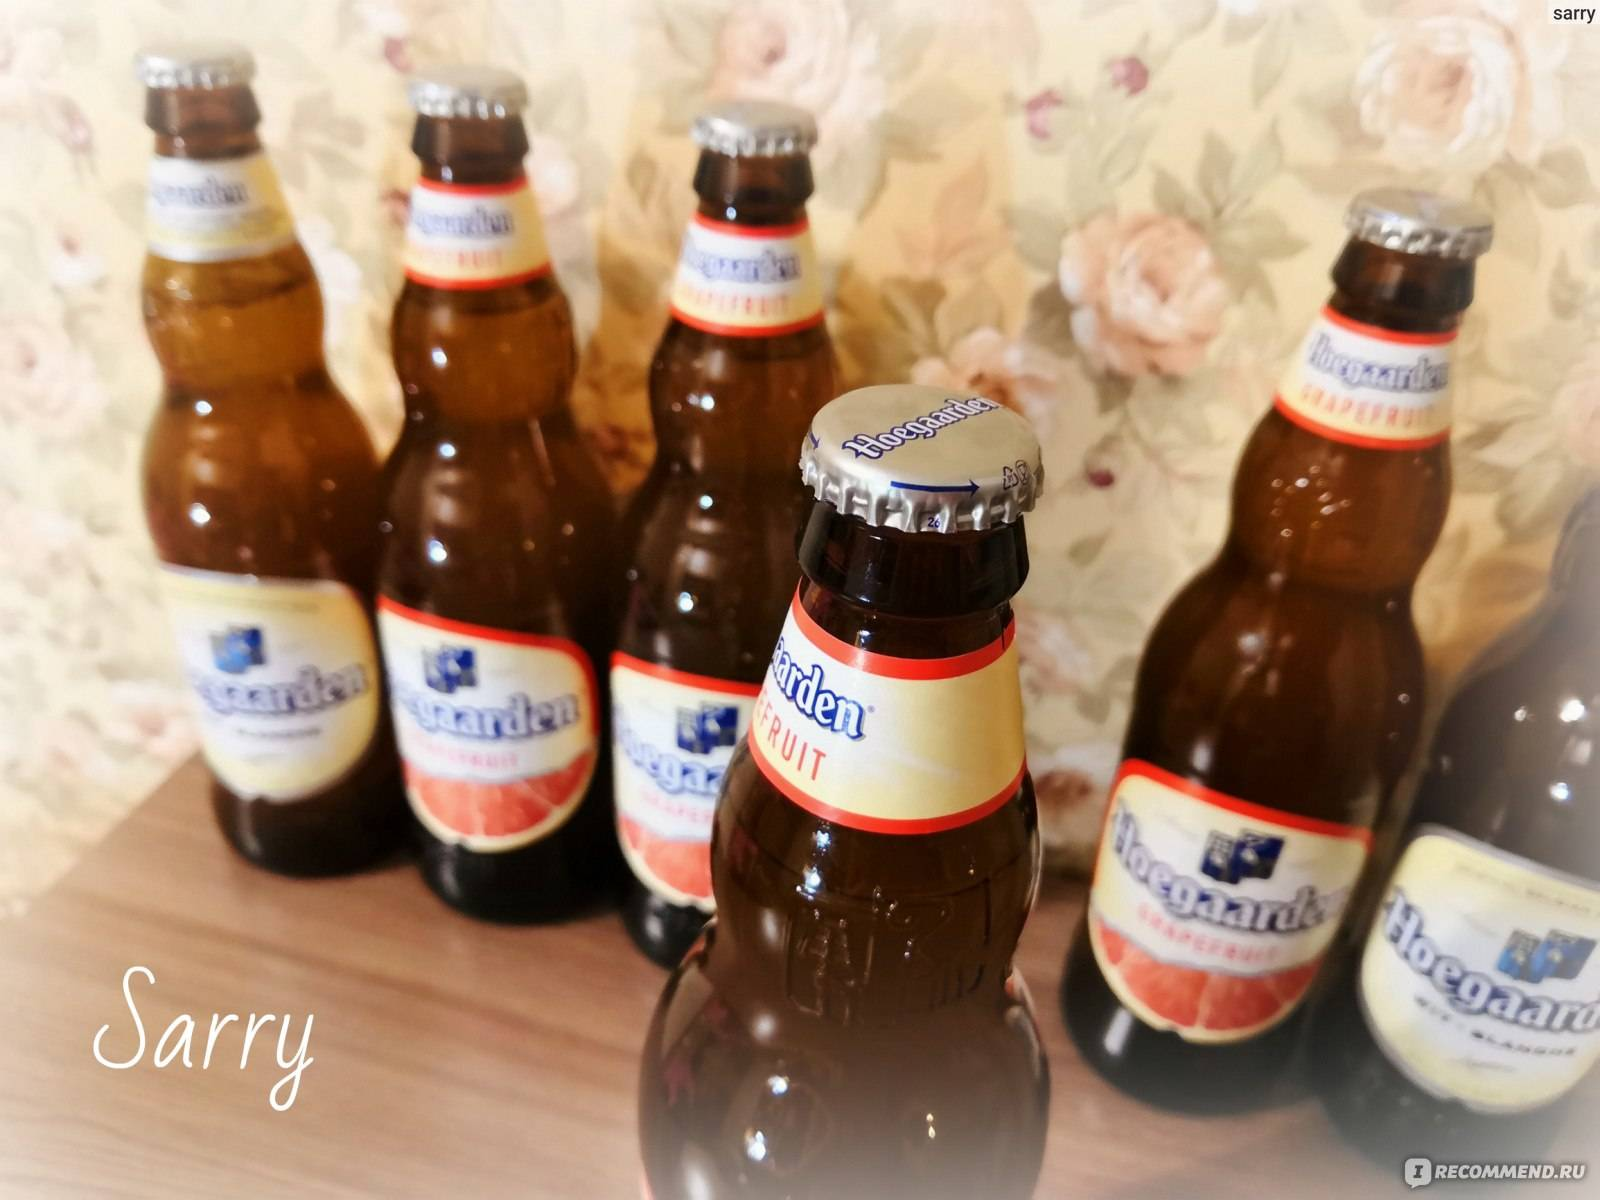 Пиво хугарден, его состав и виды, история происхождения и классический рецепт приготовления